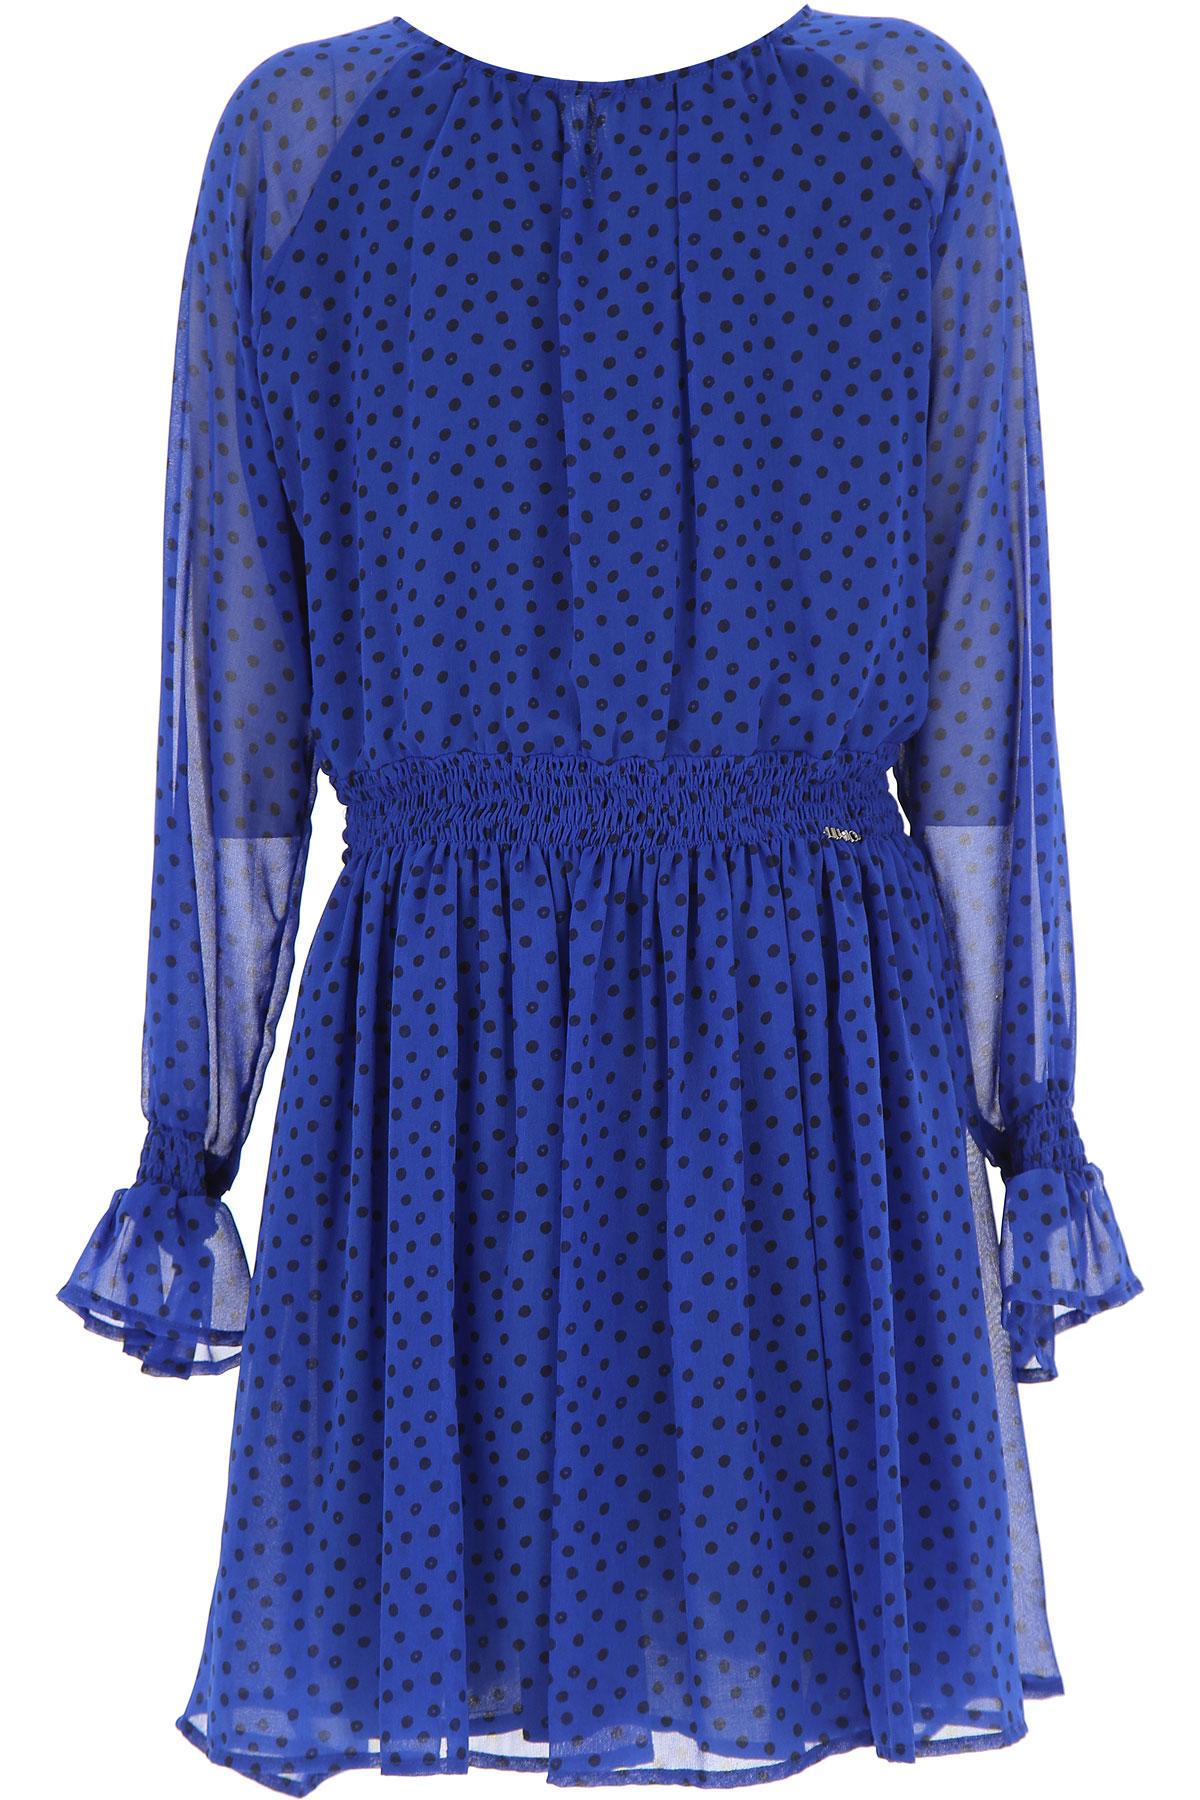 Image of Liu Jo Girls Dress, Electric Blue, polyester, 2017, 10Y 14Y 16Y